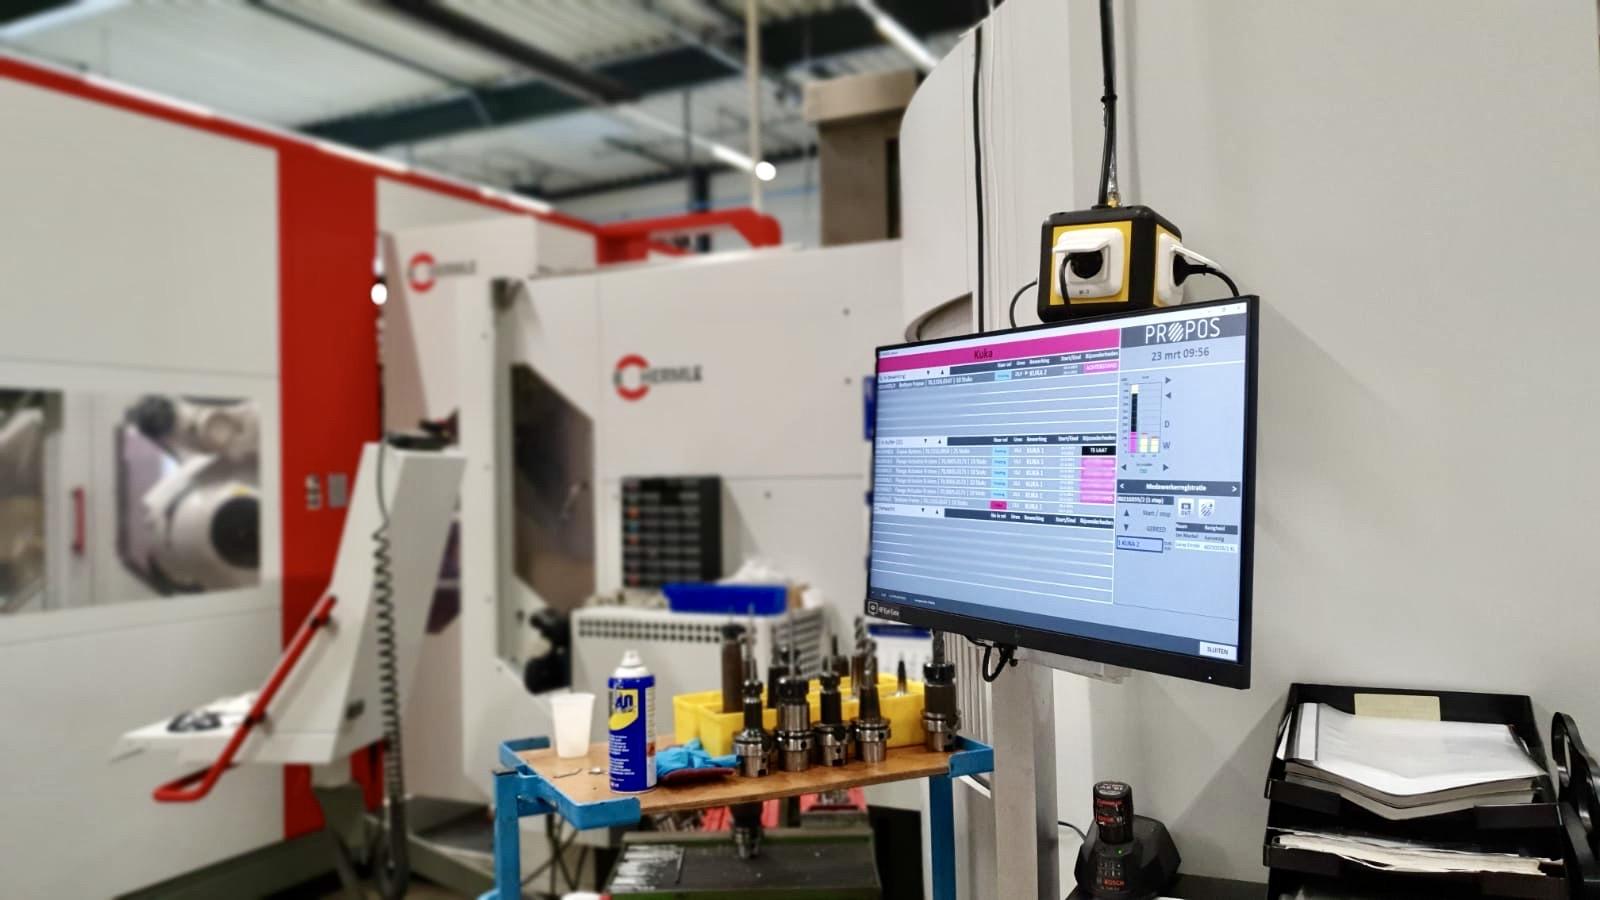 propos shop floor control bij SAM precision mkg-5 realtime inzicht